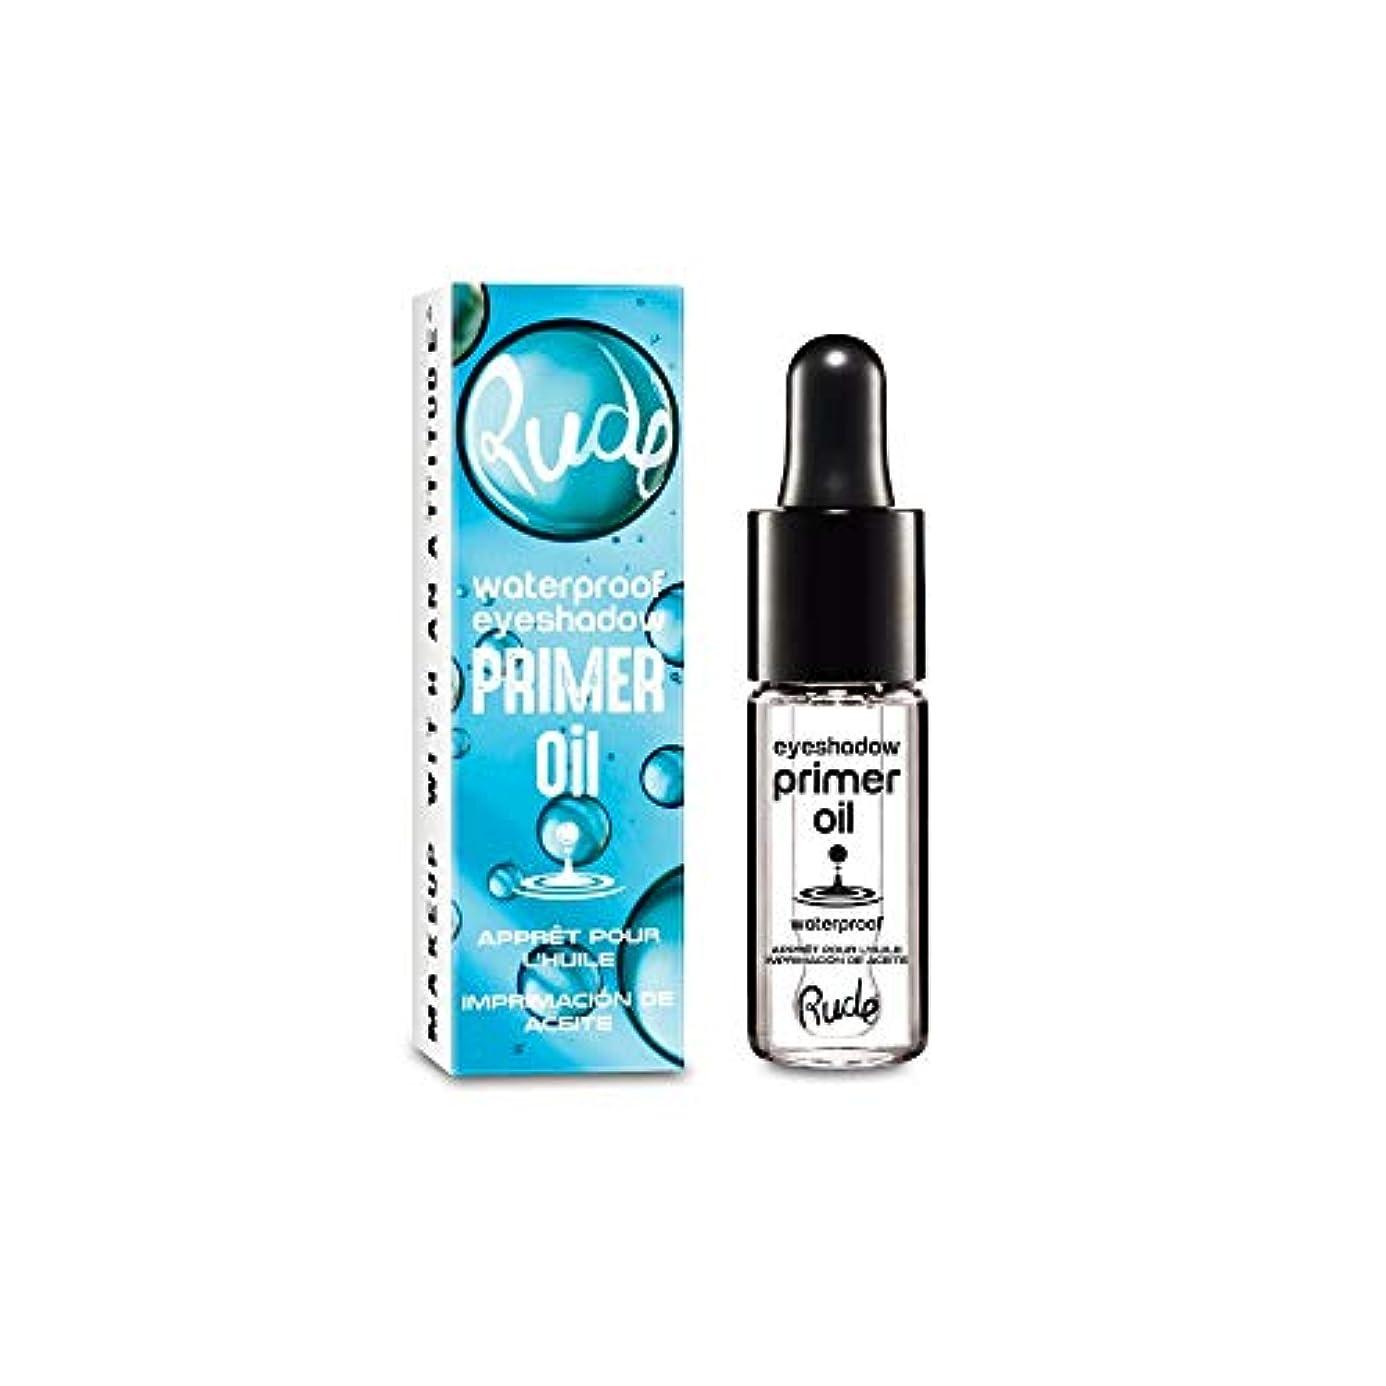 北米持ってる貢献する(3 Pack) RUDE Waterproof Eyeshadow Primer Oil (並行輸入品)